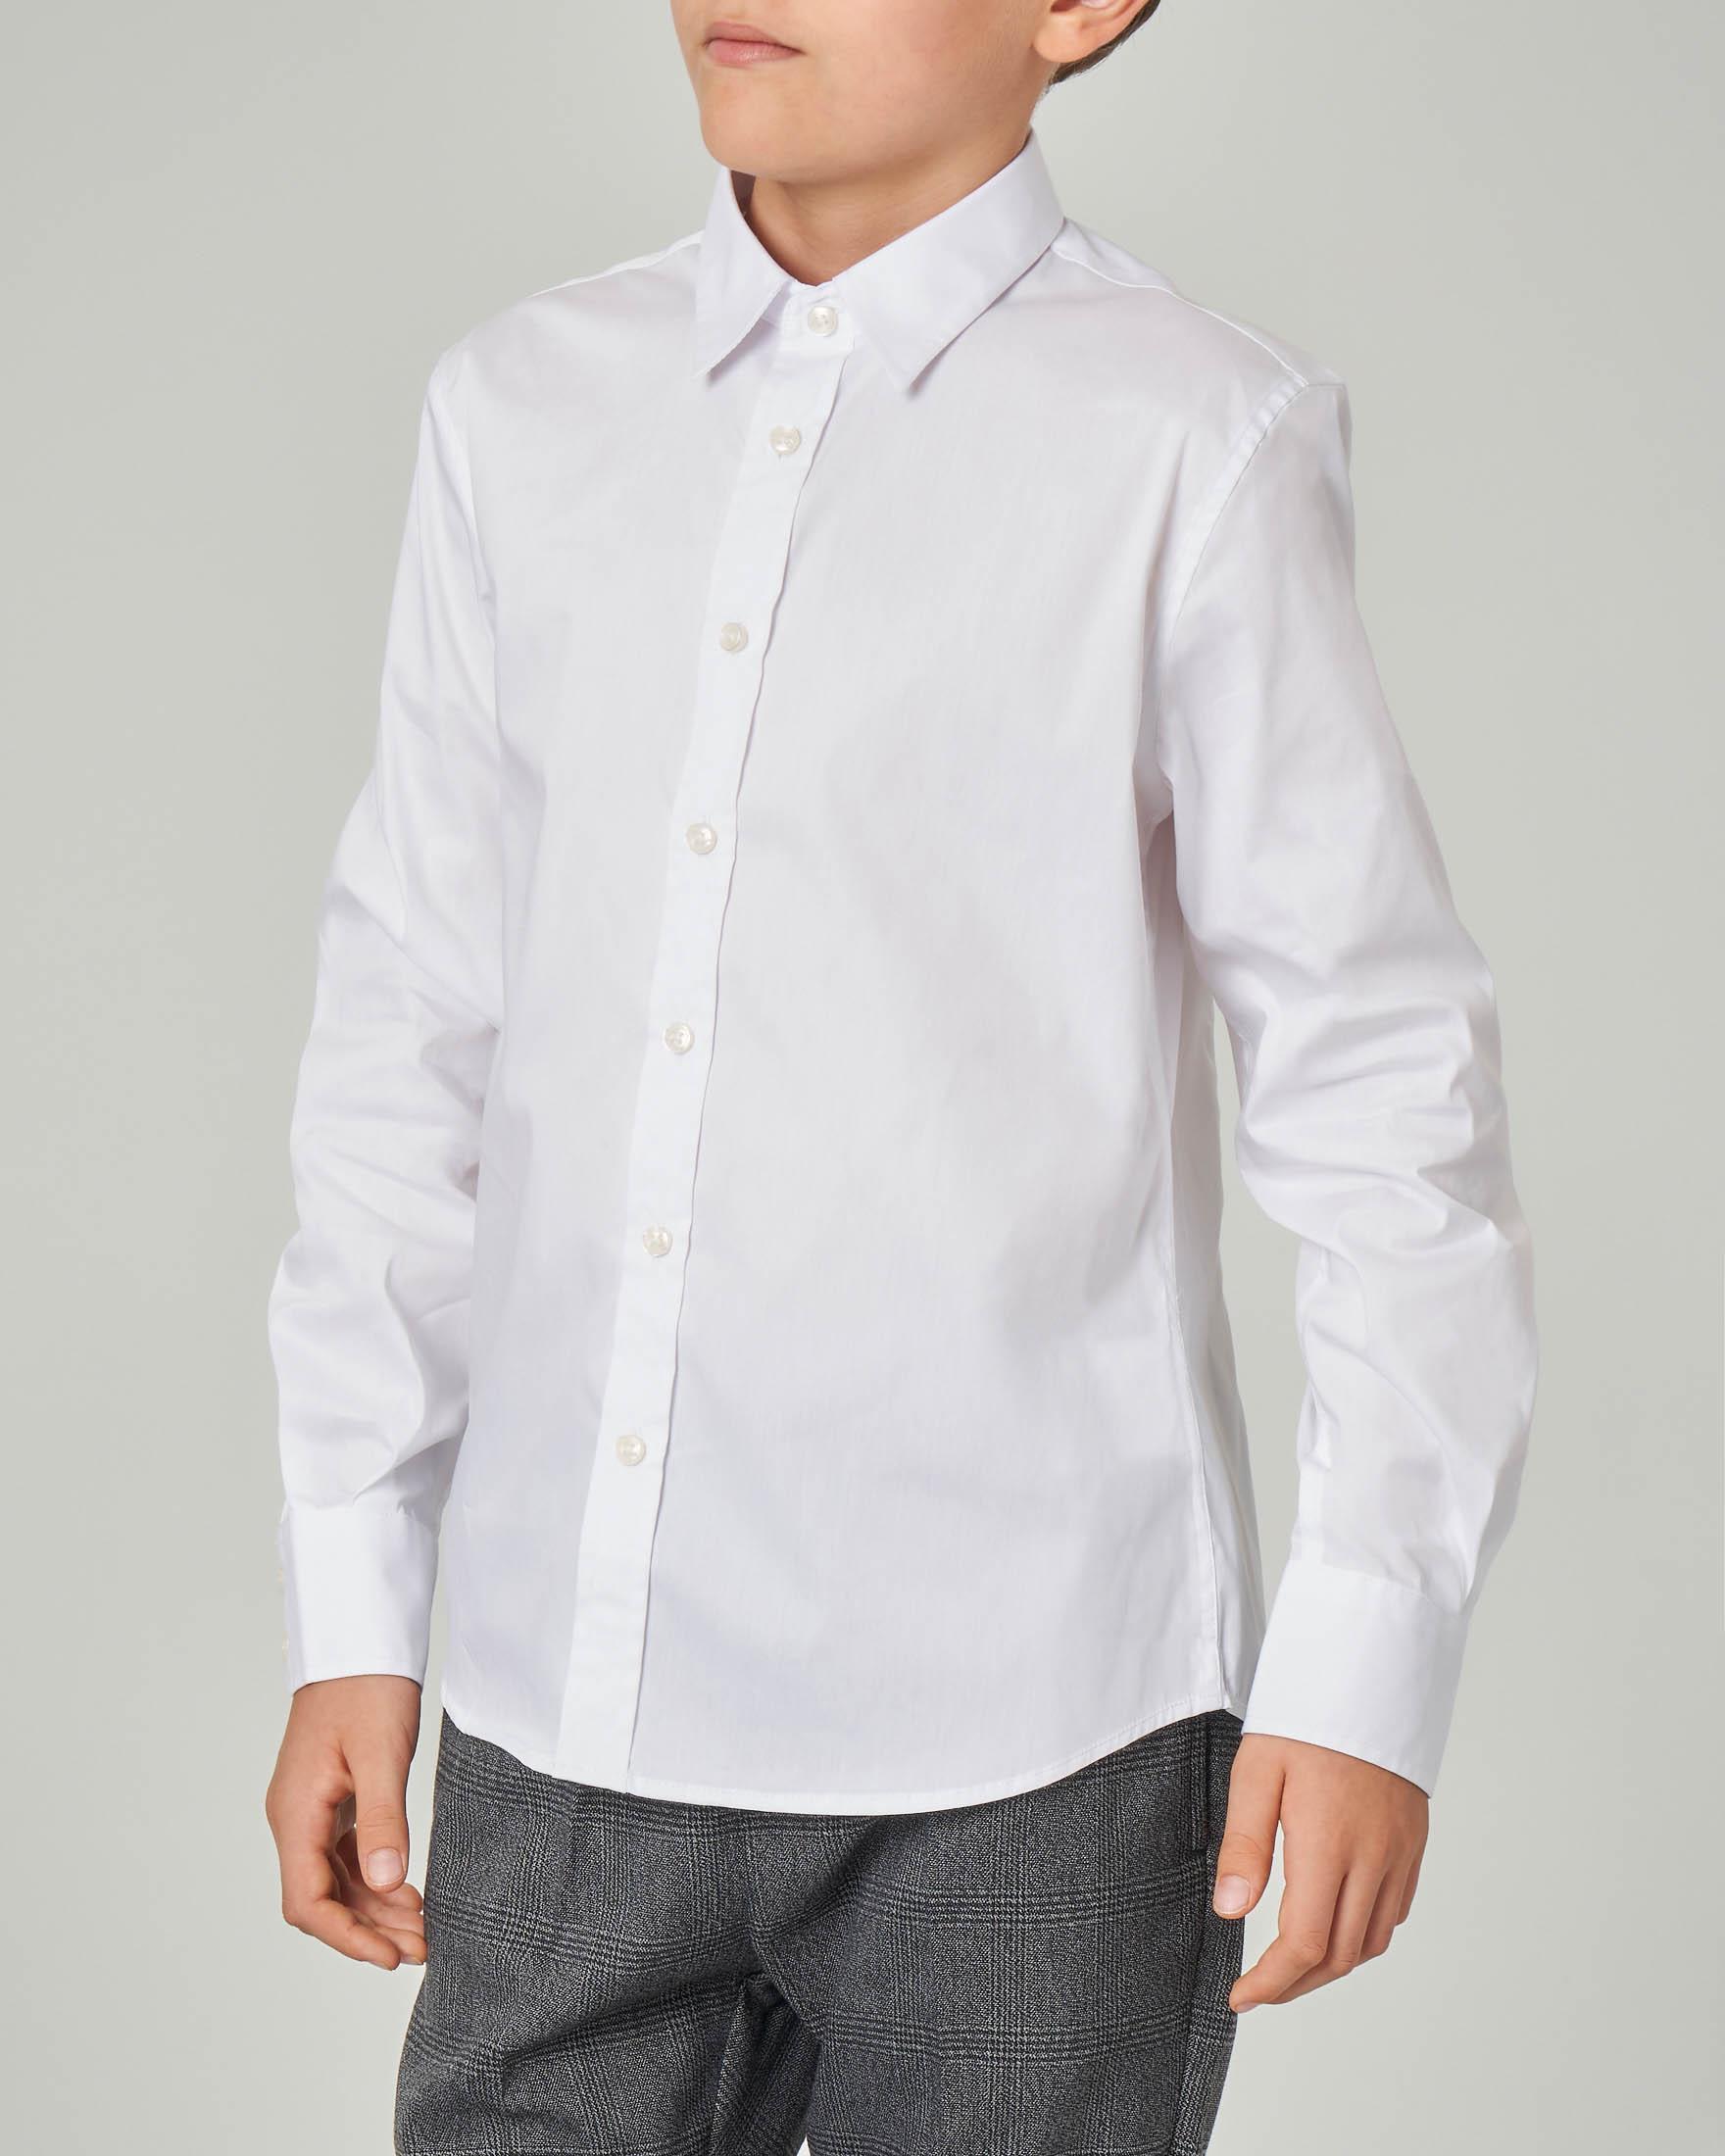 Camicia bianca in cotone stretch 8-16 anni